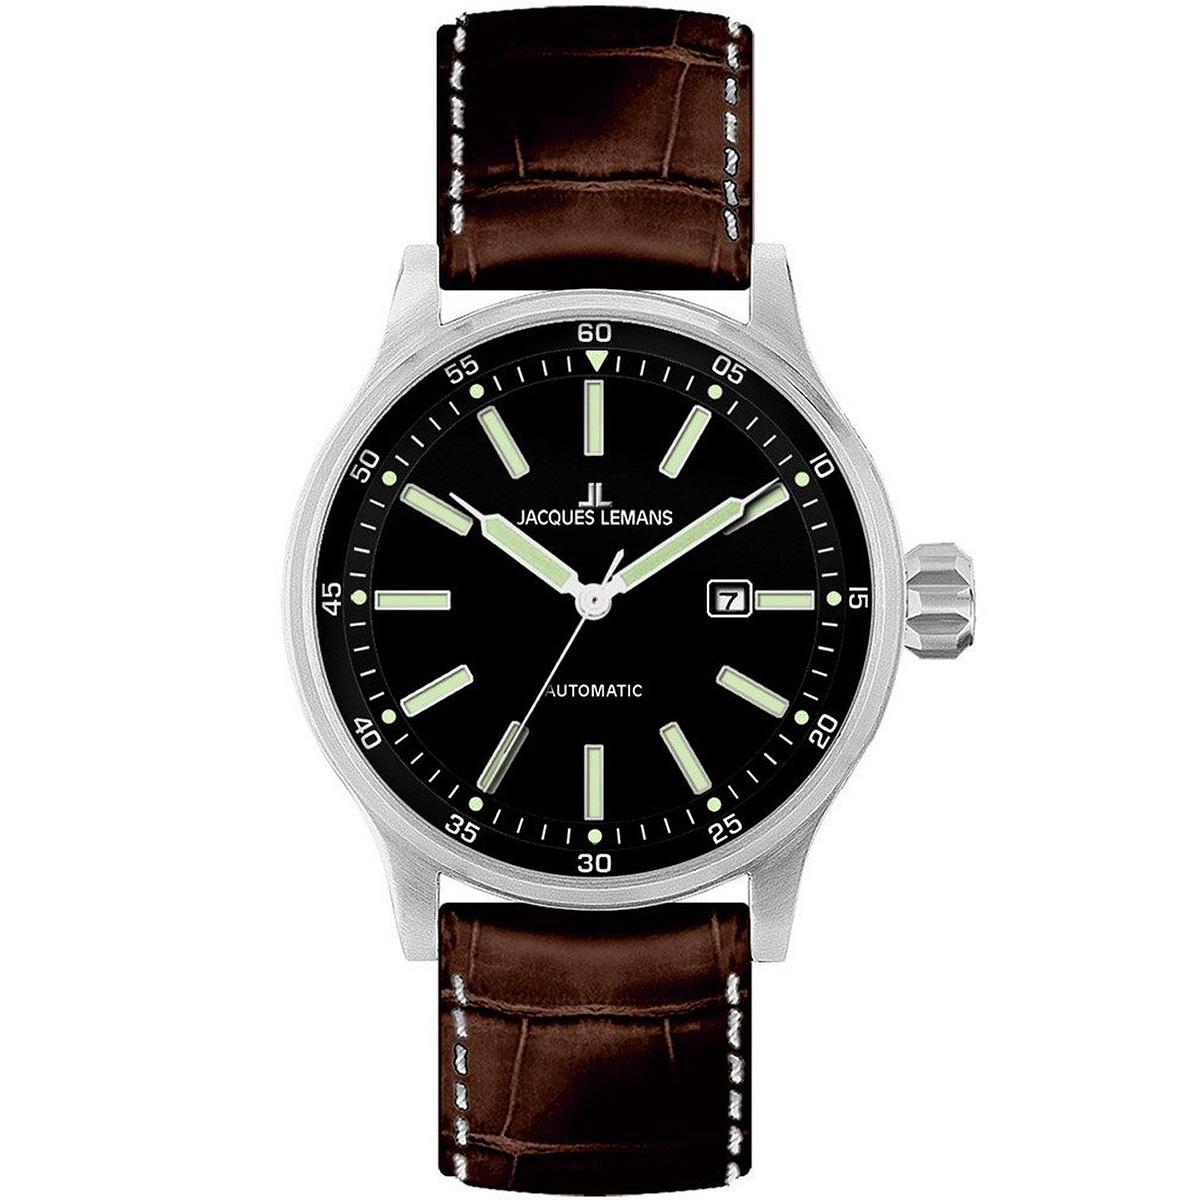 【残り1点】JACQUES LEMANS ジャックルマン 自動巻き 腕時計 メンズ スポーツウォッチ [1-1723B] 並行輸入品 メーカー保証24ヶ月 純正ケース付き